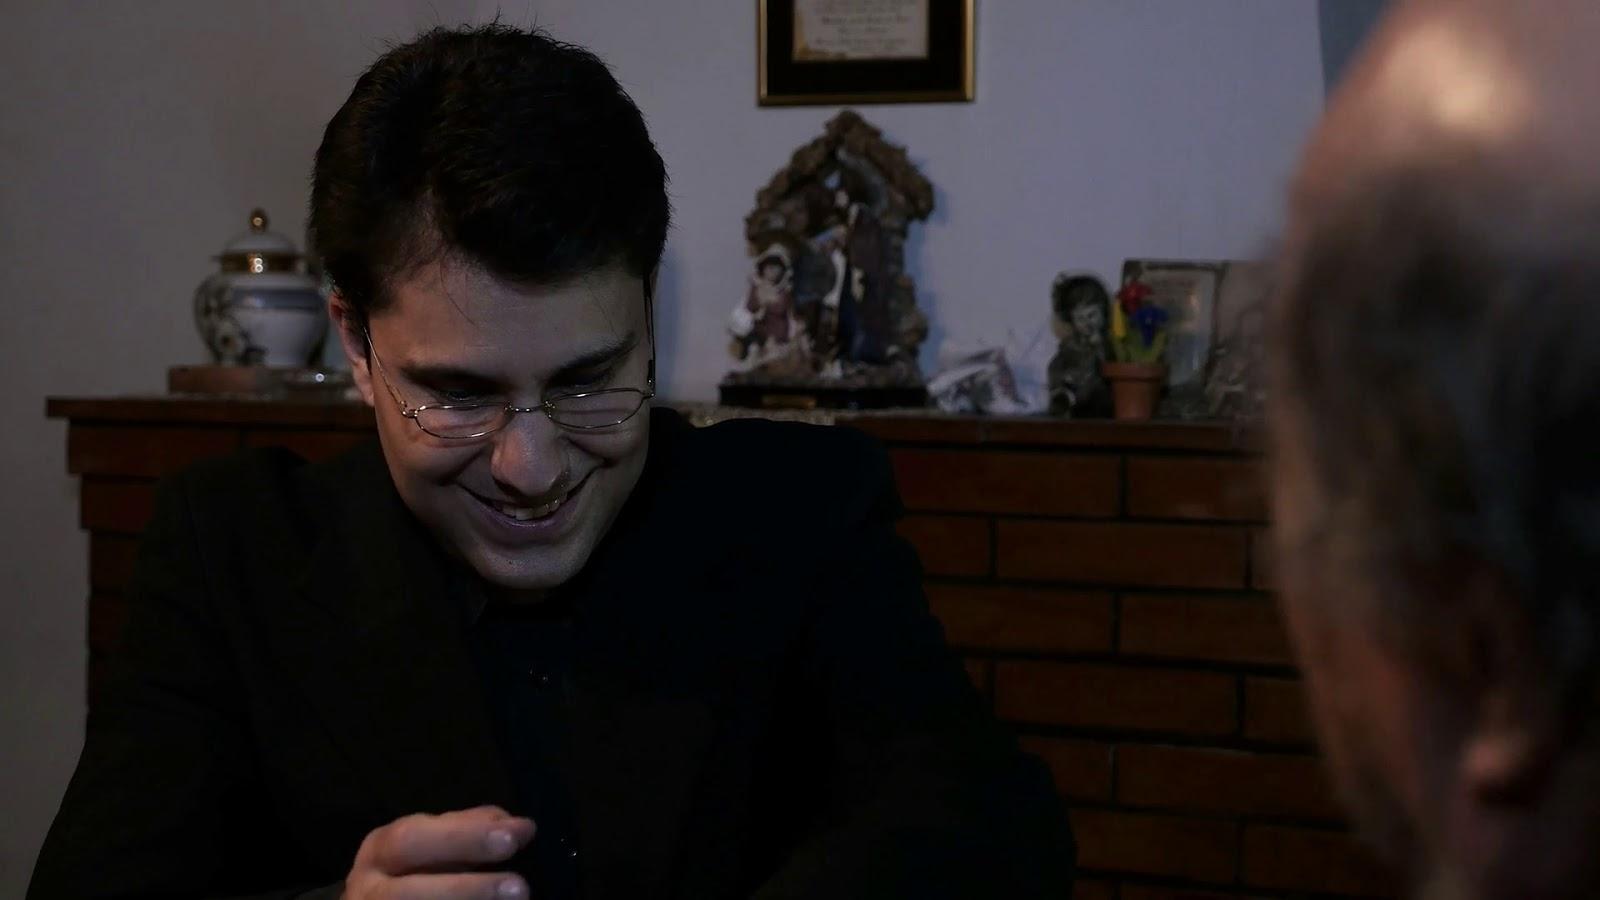 Diário de um Exorcista - Zero (2016) Full HD 1080p Latino captura 2